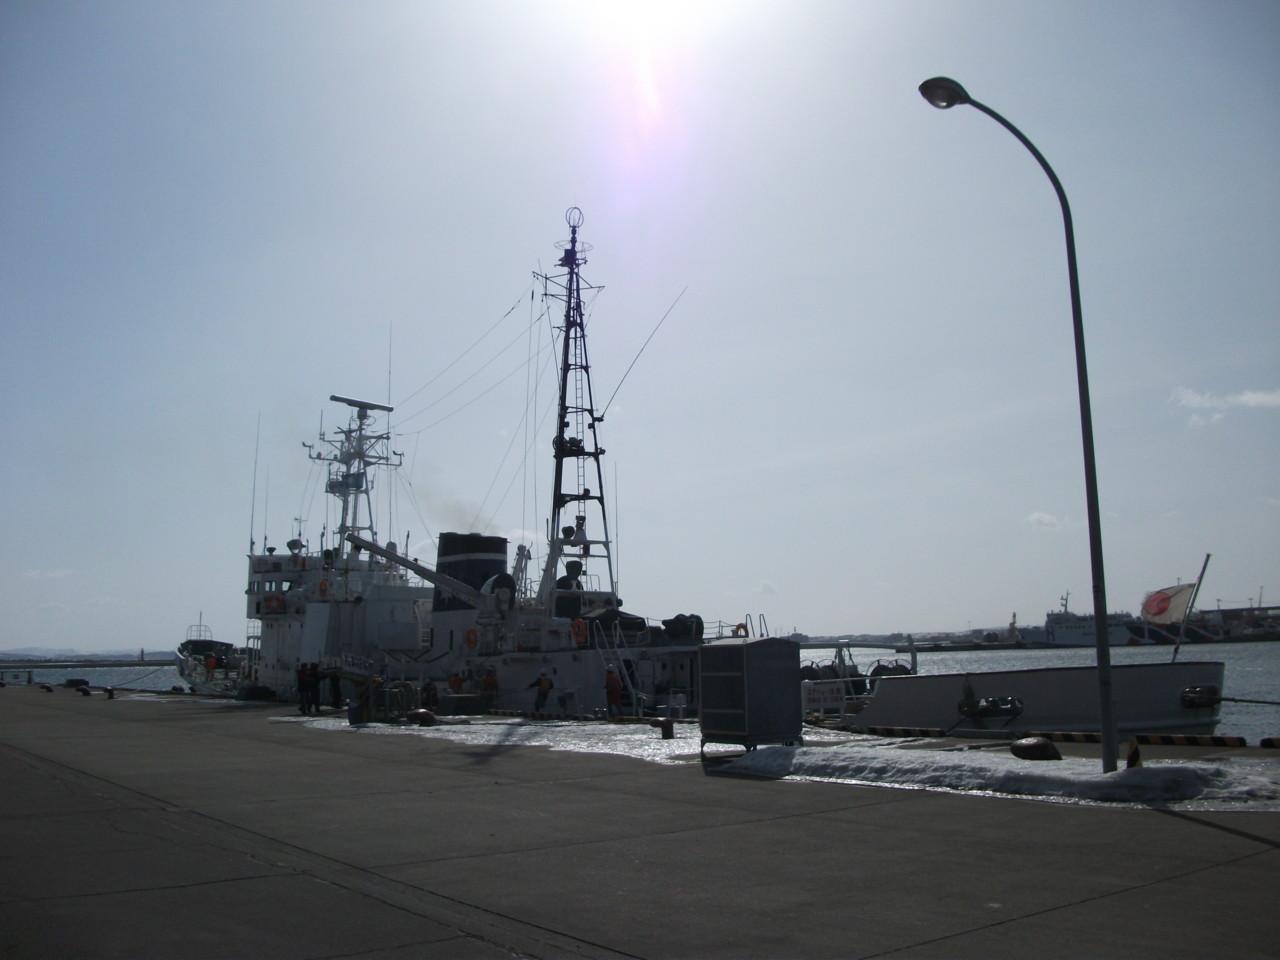 09:33 海上保安庁巡視船れぶん